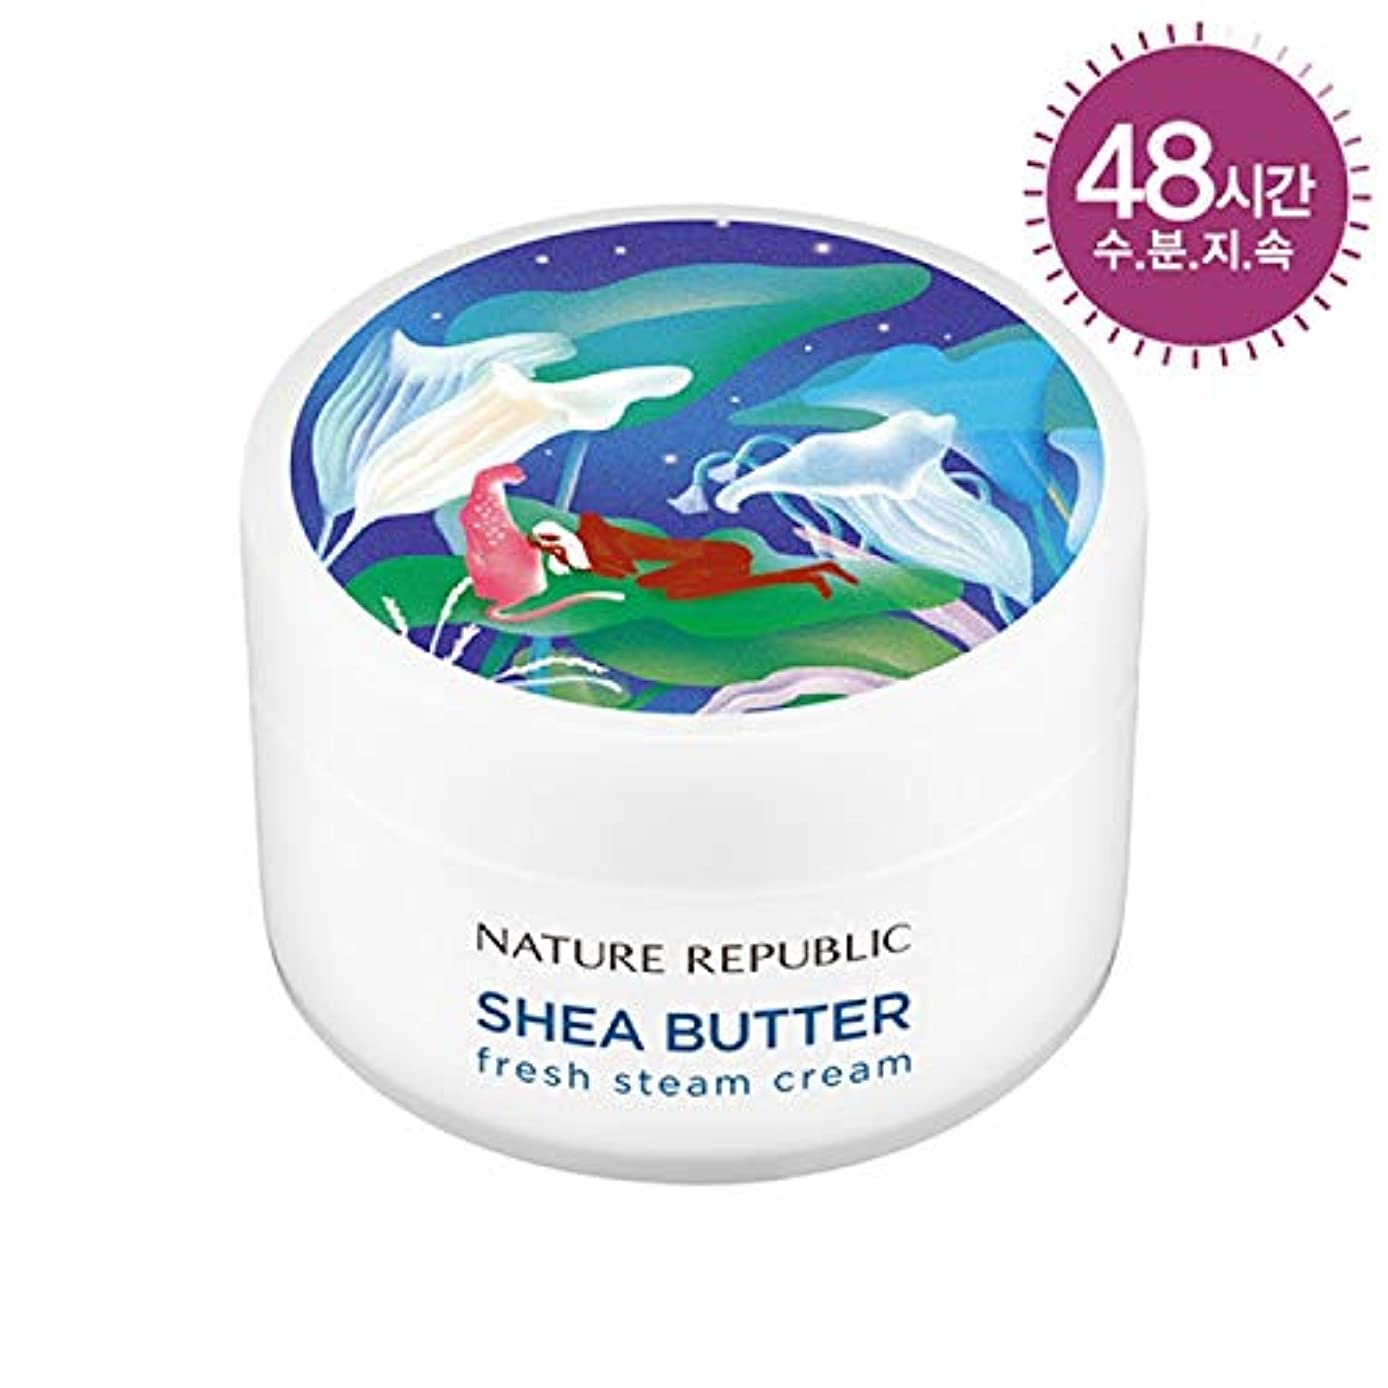 地球透明にピボットネイチャーリパブリック(Nature Republic)シェアバタースチームクリームフレッシュ(混合肌用) 100ml / Shea Butter Steam Cream 100ml (Fresh) :: 韓国コスメ [...